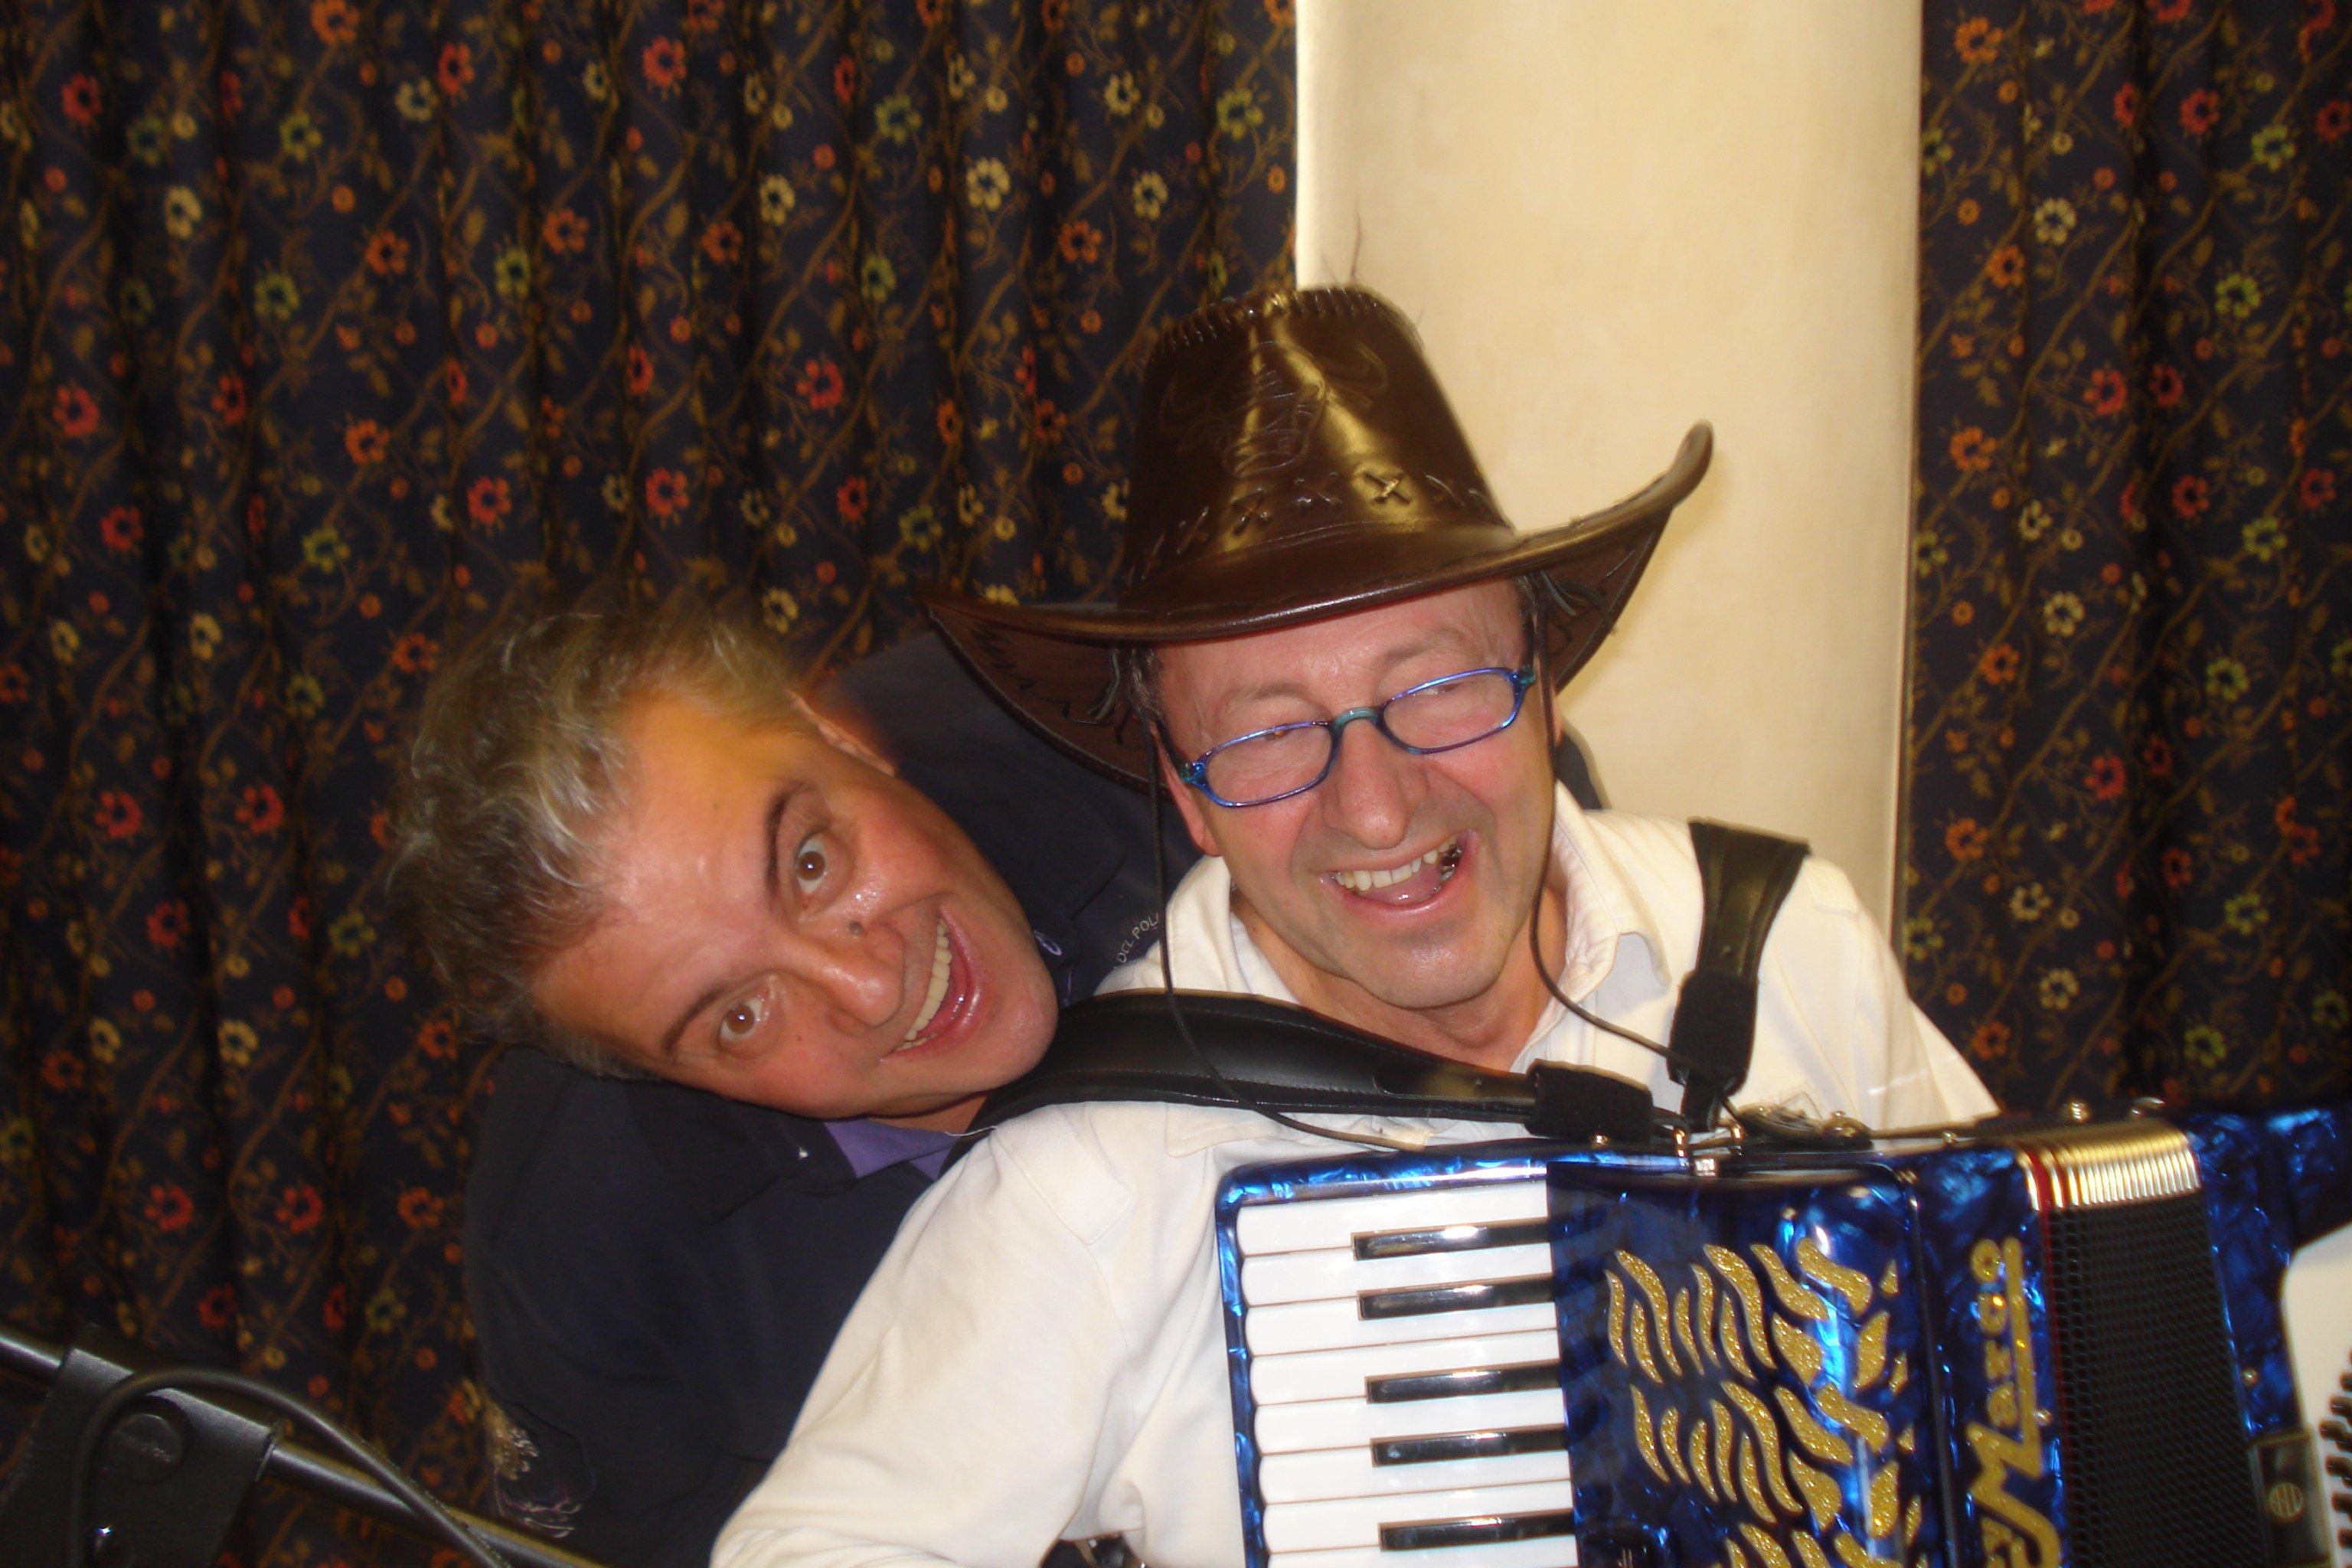 Un uomo suona una fisarmonica e un altro sorride alle sue spalle